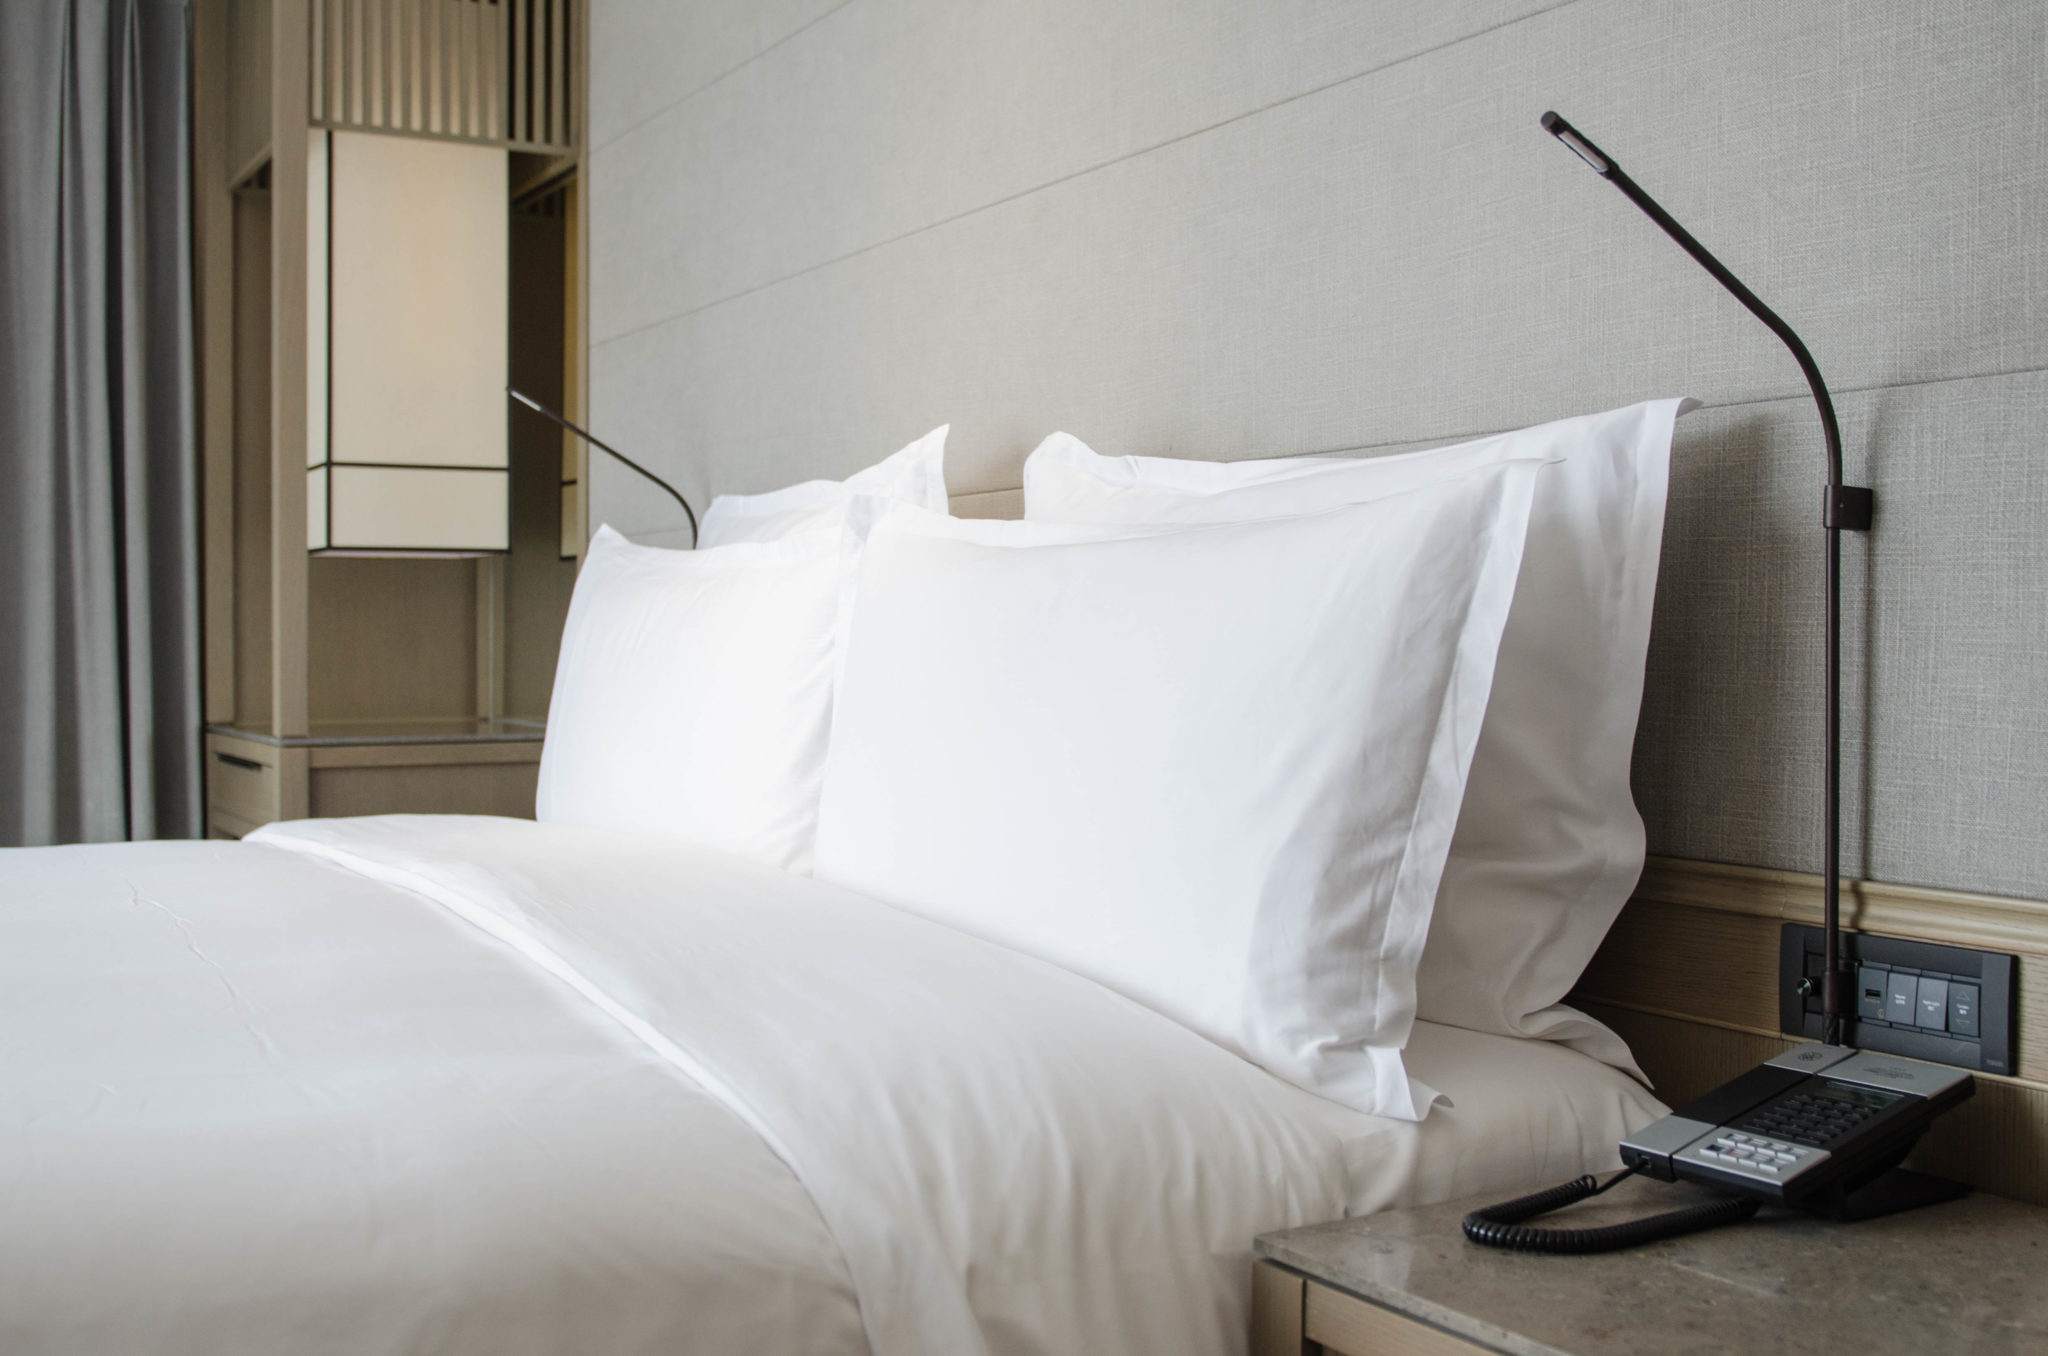 Gut und schick übernachten kann man in Peking im Chao Hotel in Sanlitun